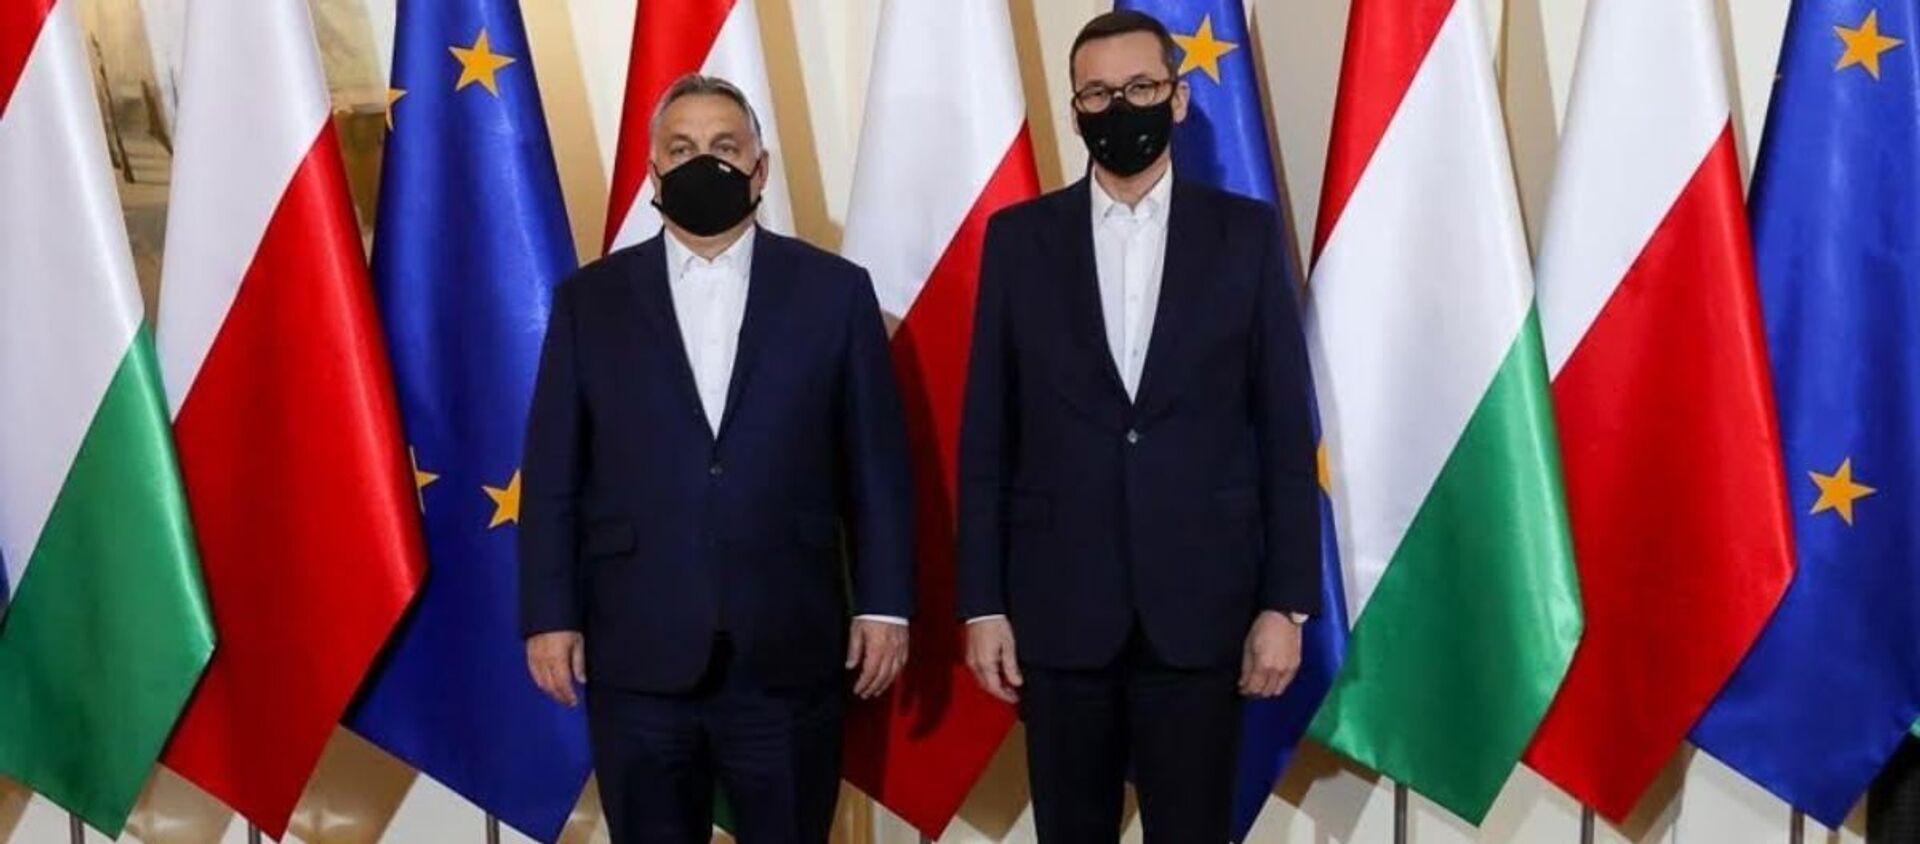 Spotkanie premiera Mateusza Morawieckiego z premierem Węgier Viktorem Orbanem - Sputnik Polska, 1920, 08.12.2020